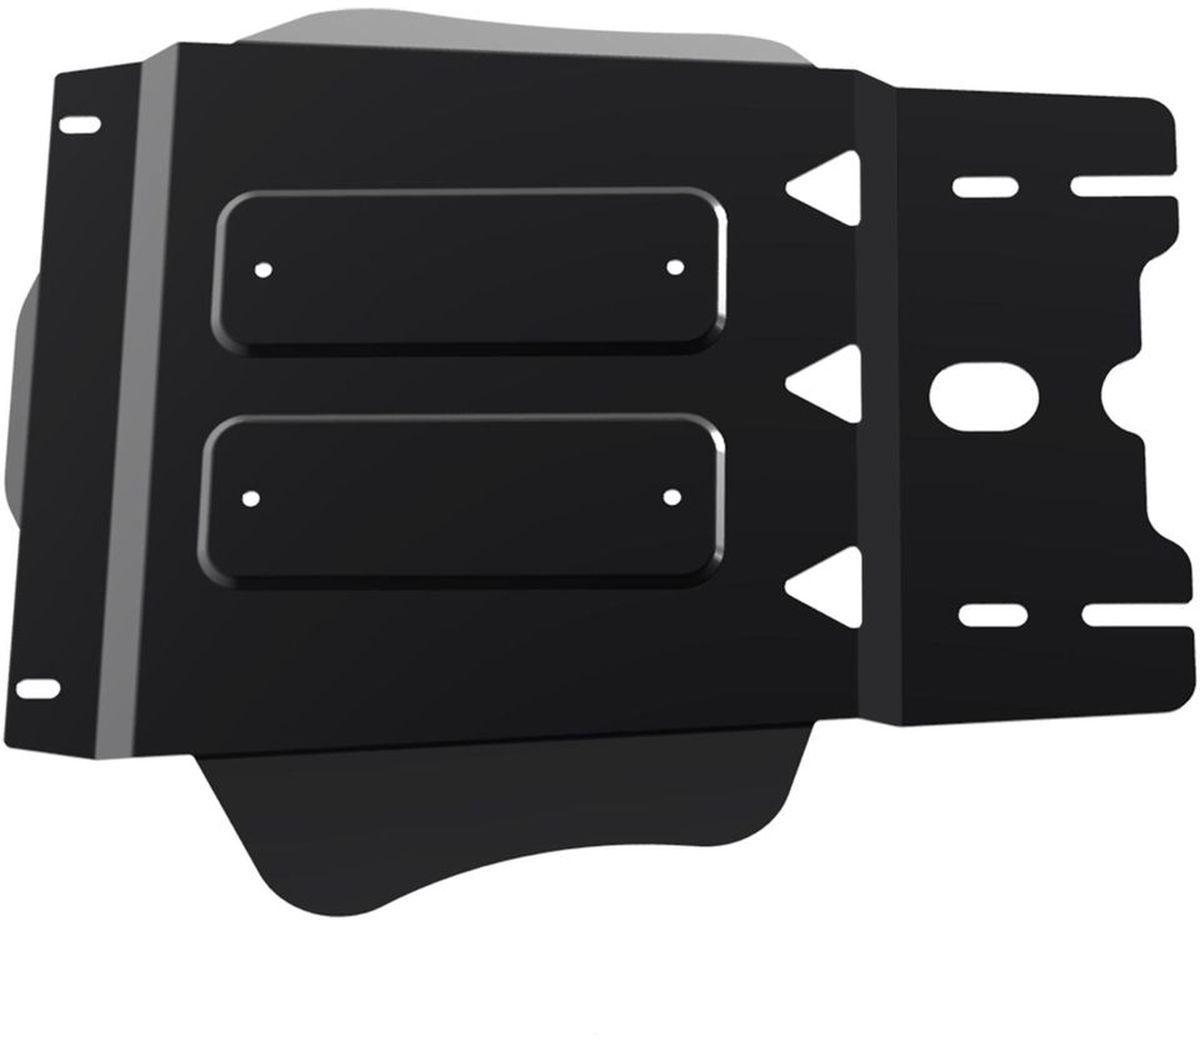 Защита КПП Автоброня Nissan Elgrand 1997-2002/Nissan Pathfinder 1996-2004, сталь 2 мм111.04144.1Защита КПП Автоброня для Nissan Elgrand 1997-2002/Nissan Pathfinder 1996-2004, сталь 2 мм, комплект крепежа, 111.04144.1Дополнительно можно приобрести другие защитные элементы из комплекта: защита картера ч.1 -1.04142, защита картера ч.2 - 111.04143Стальные защиты Автоброня надежно защищают ваш автомобиль от повреждений при наезде на бордюры, выступающие канализационные люки, кромки поврежденного асфальта или при ремонте дорог, не говоря уже о загородных дорогах.- Имеют оптимальное соотношение цена-качество.- Спроектированы с учетом особенностей автомобиля, что делает установку удобной.- Защита устанавливается в штатные места кузова автомобиля.- Является надежной защитой для важных элементов на протяжении долгих лет.- Глубокий штамп дополнительно усиливает конструкцию защиты.- Подштамповка в местах крепления защищает крепеж от срезания.- Технологические отверстия там, где они необходимы для смены масла и слива воды, оборудованные заглушками, закрепленными на защите.Толщина стали 2 мм.В комплекте крепеж и инструкция по установке.Уважаемые клиенты!Обращаем ваше внимание на тот факт, что защита имеет форму, соответствующую модели данного автомобиля. Наличие глубокого штампа и лючков для смены фильтров/масла предусмотрено не на всех защитах. Фото служит для визуального восприятия товара.